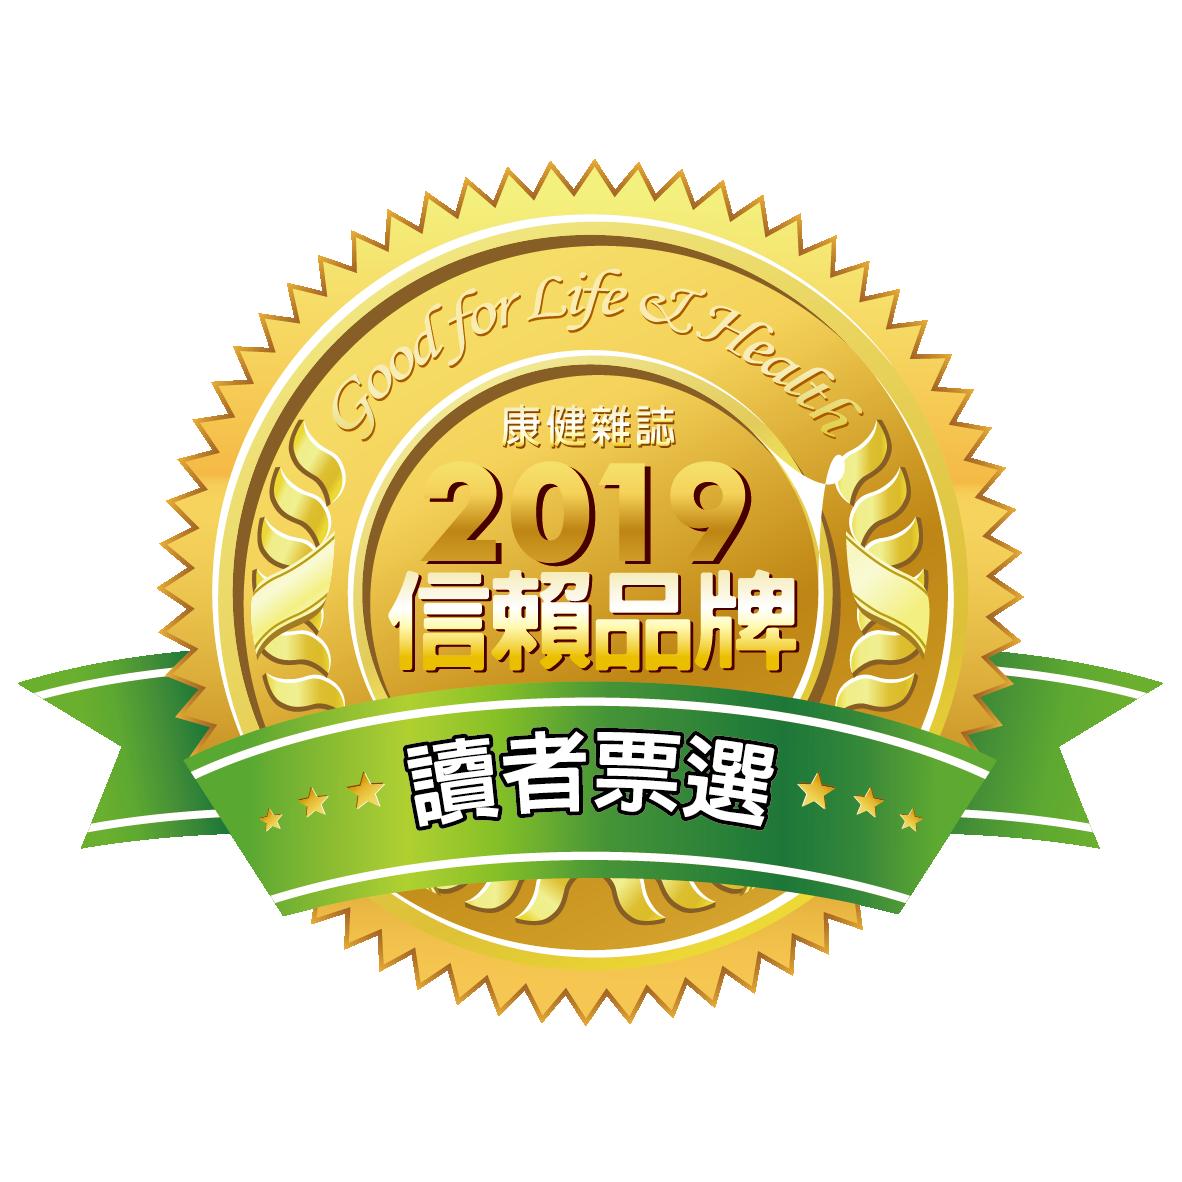 狂賀!丸莊醬油榮獲《康健雜誌》「信賴品牌」醬油類第一名。